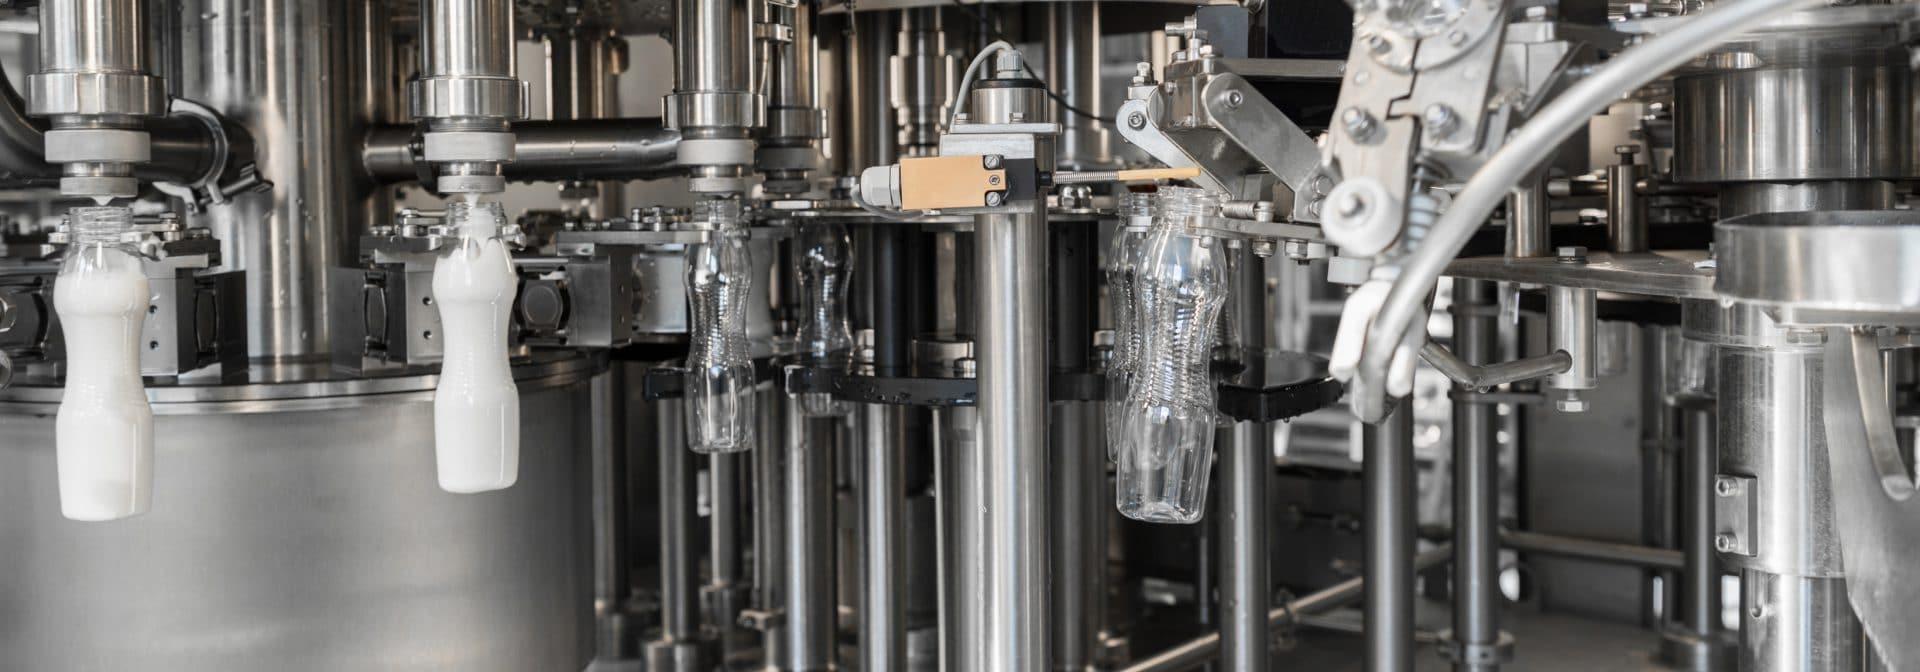 flessenvulmachine met glijlagers, smeedwerk en gietwerk componenten van ELCEE